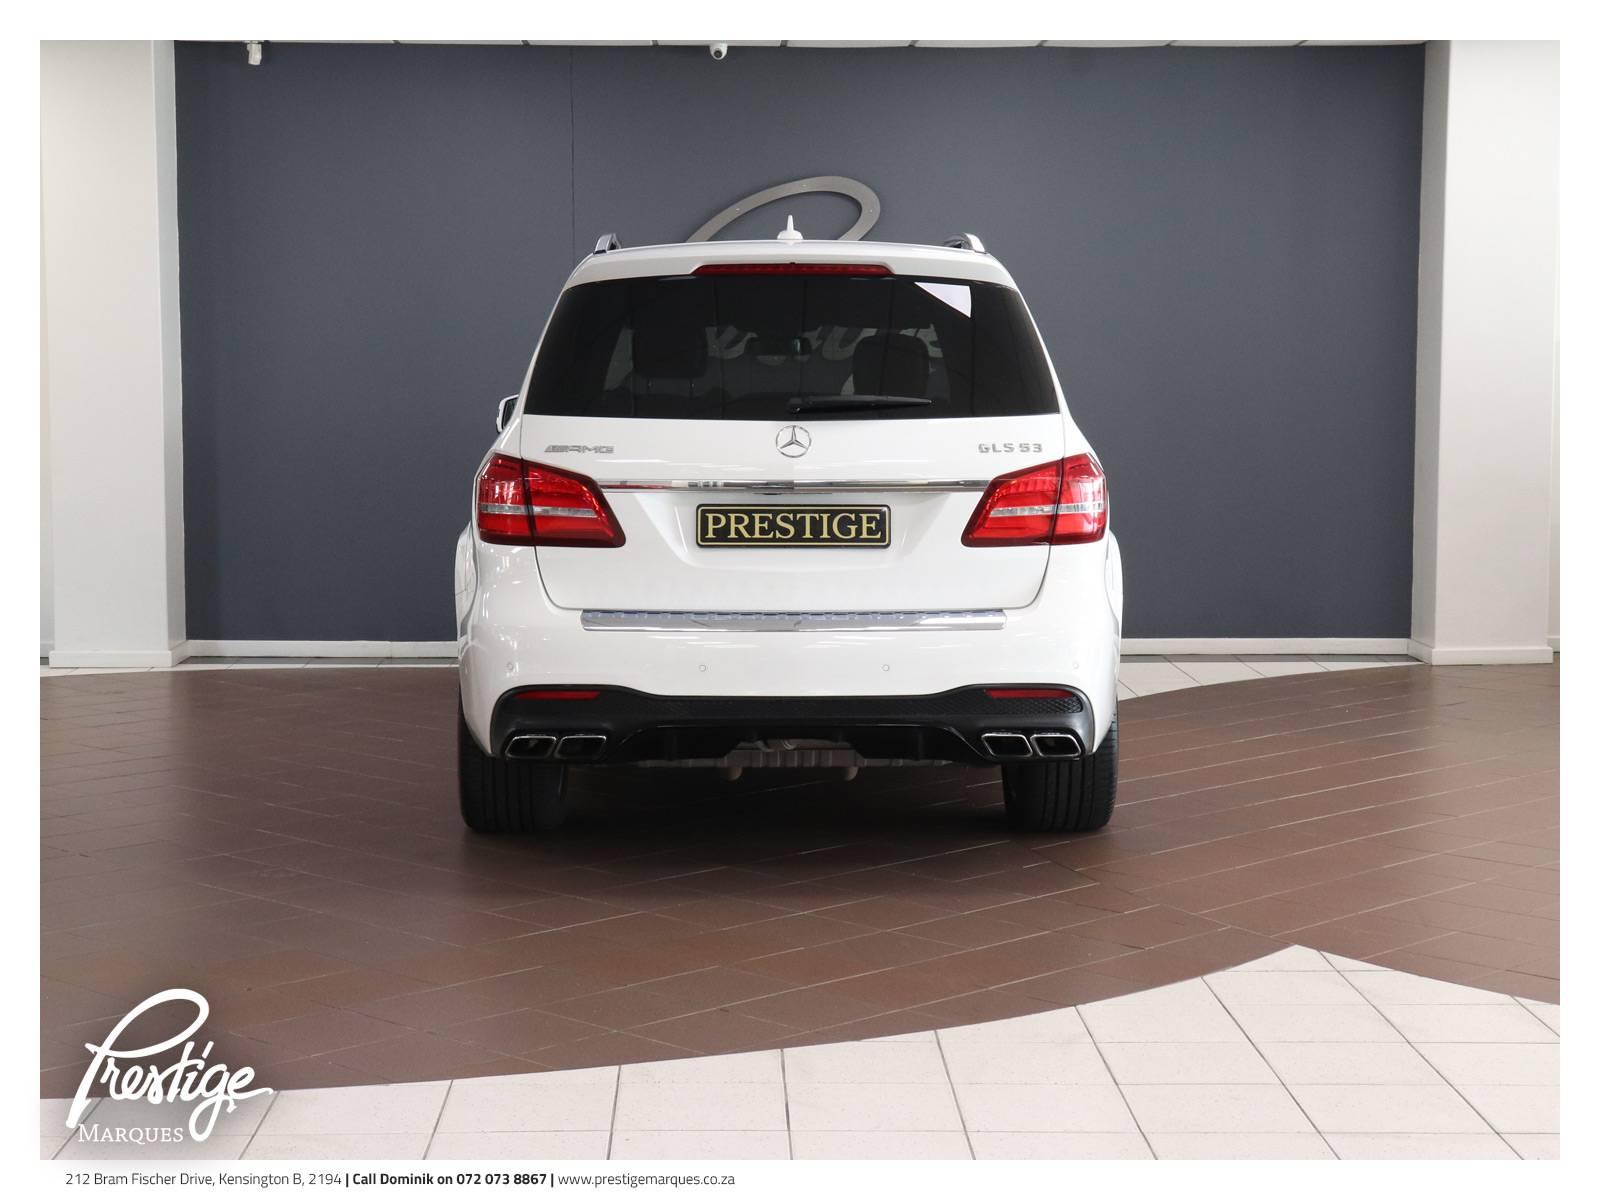 2016-Mercedes-Benz-GLS-63-AMG-Prestige-Marques-5